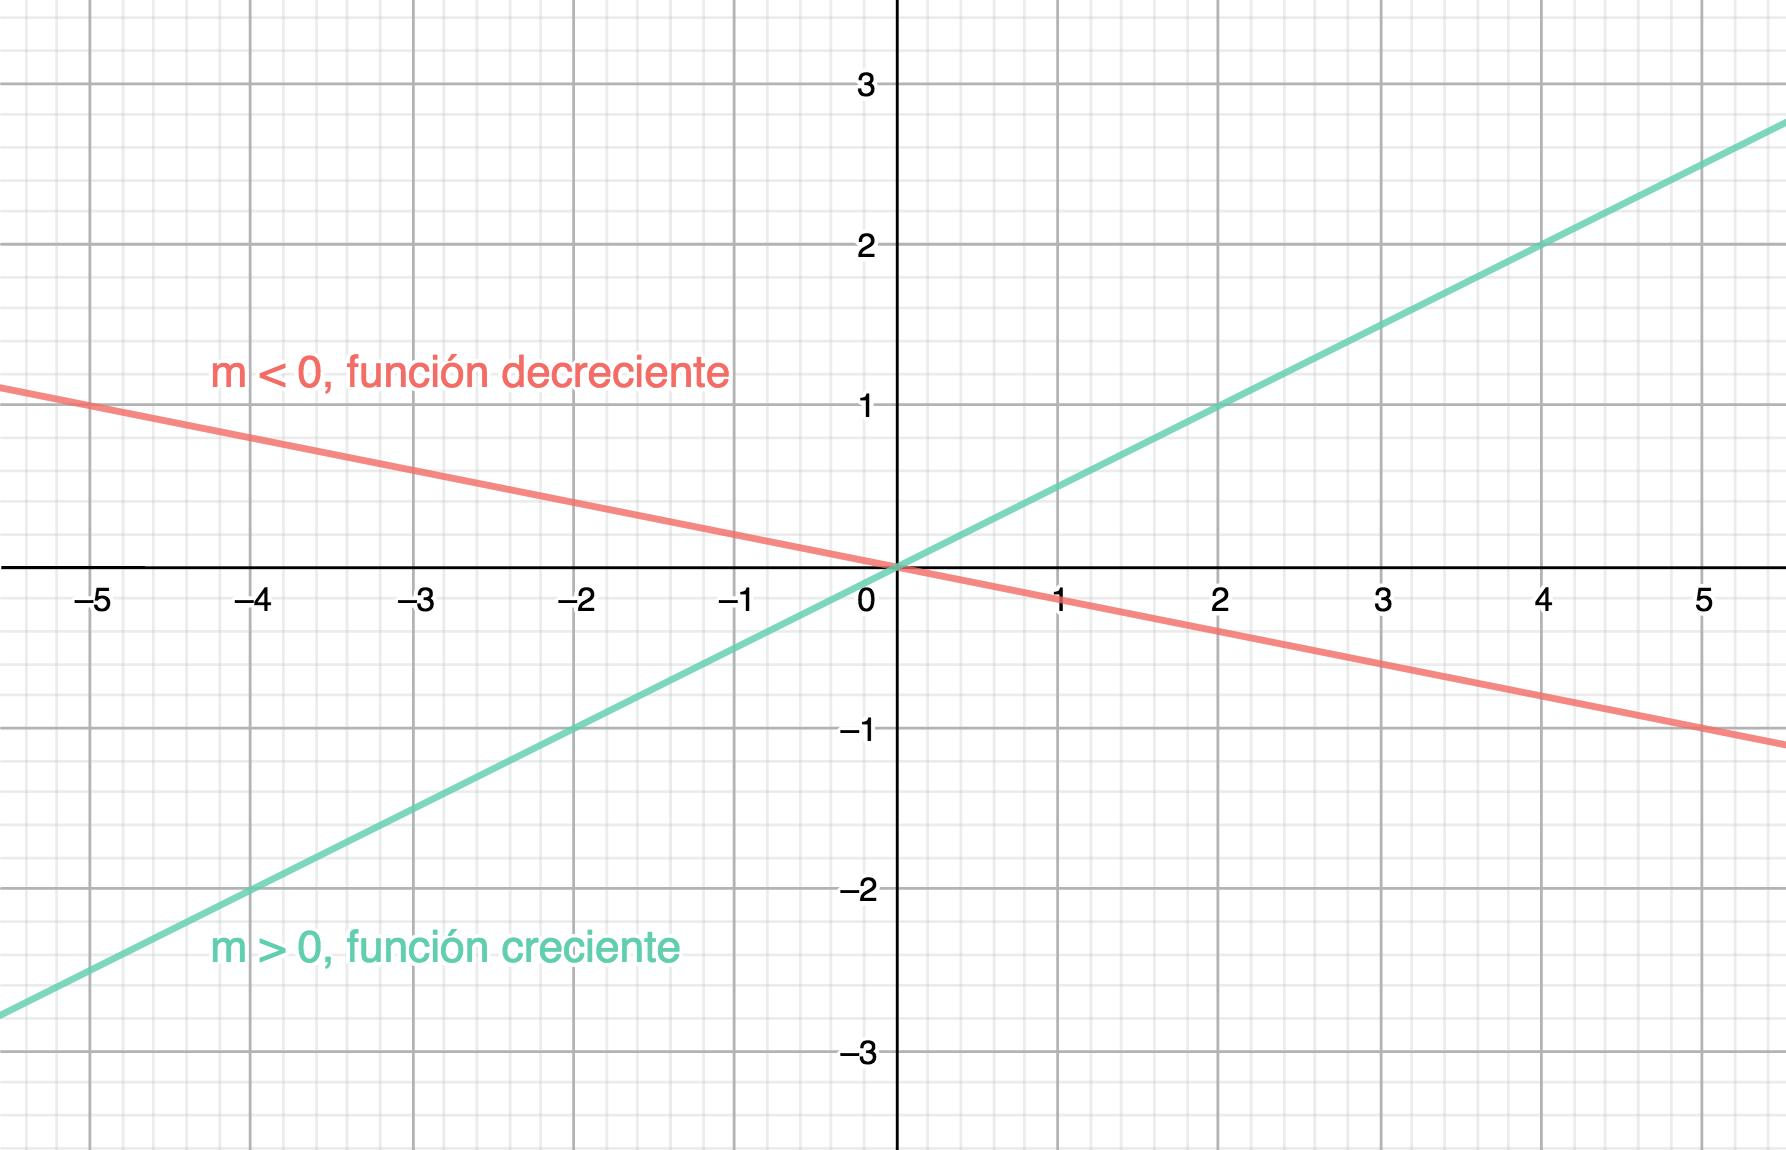 Tipos de funciones lineales dependiendo del valor de la pendiente: si m es positiva, la función es creciente y si m es negativa, la función es decreciente